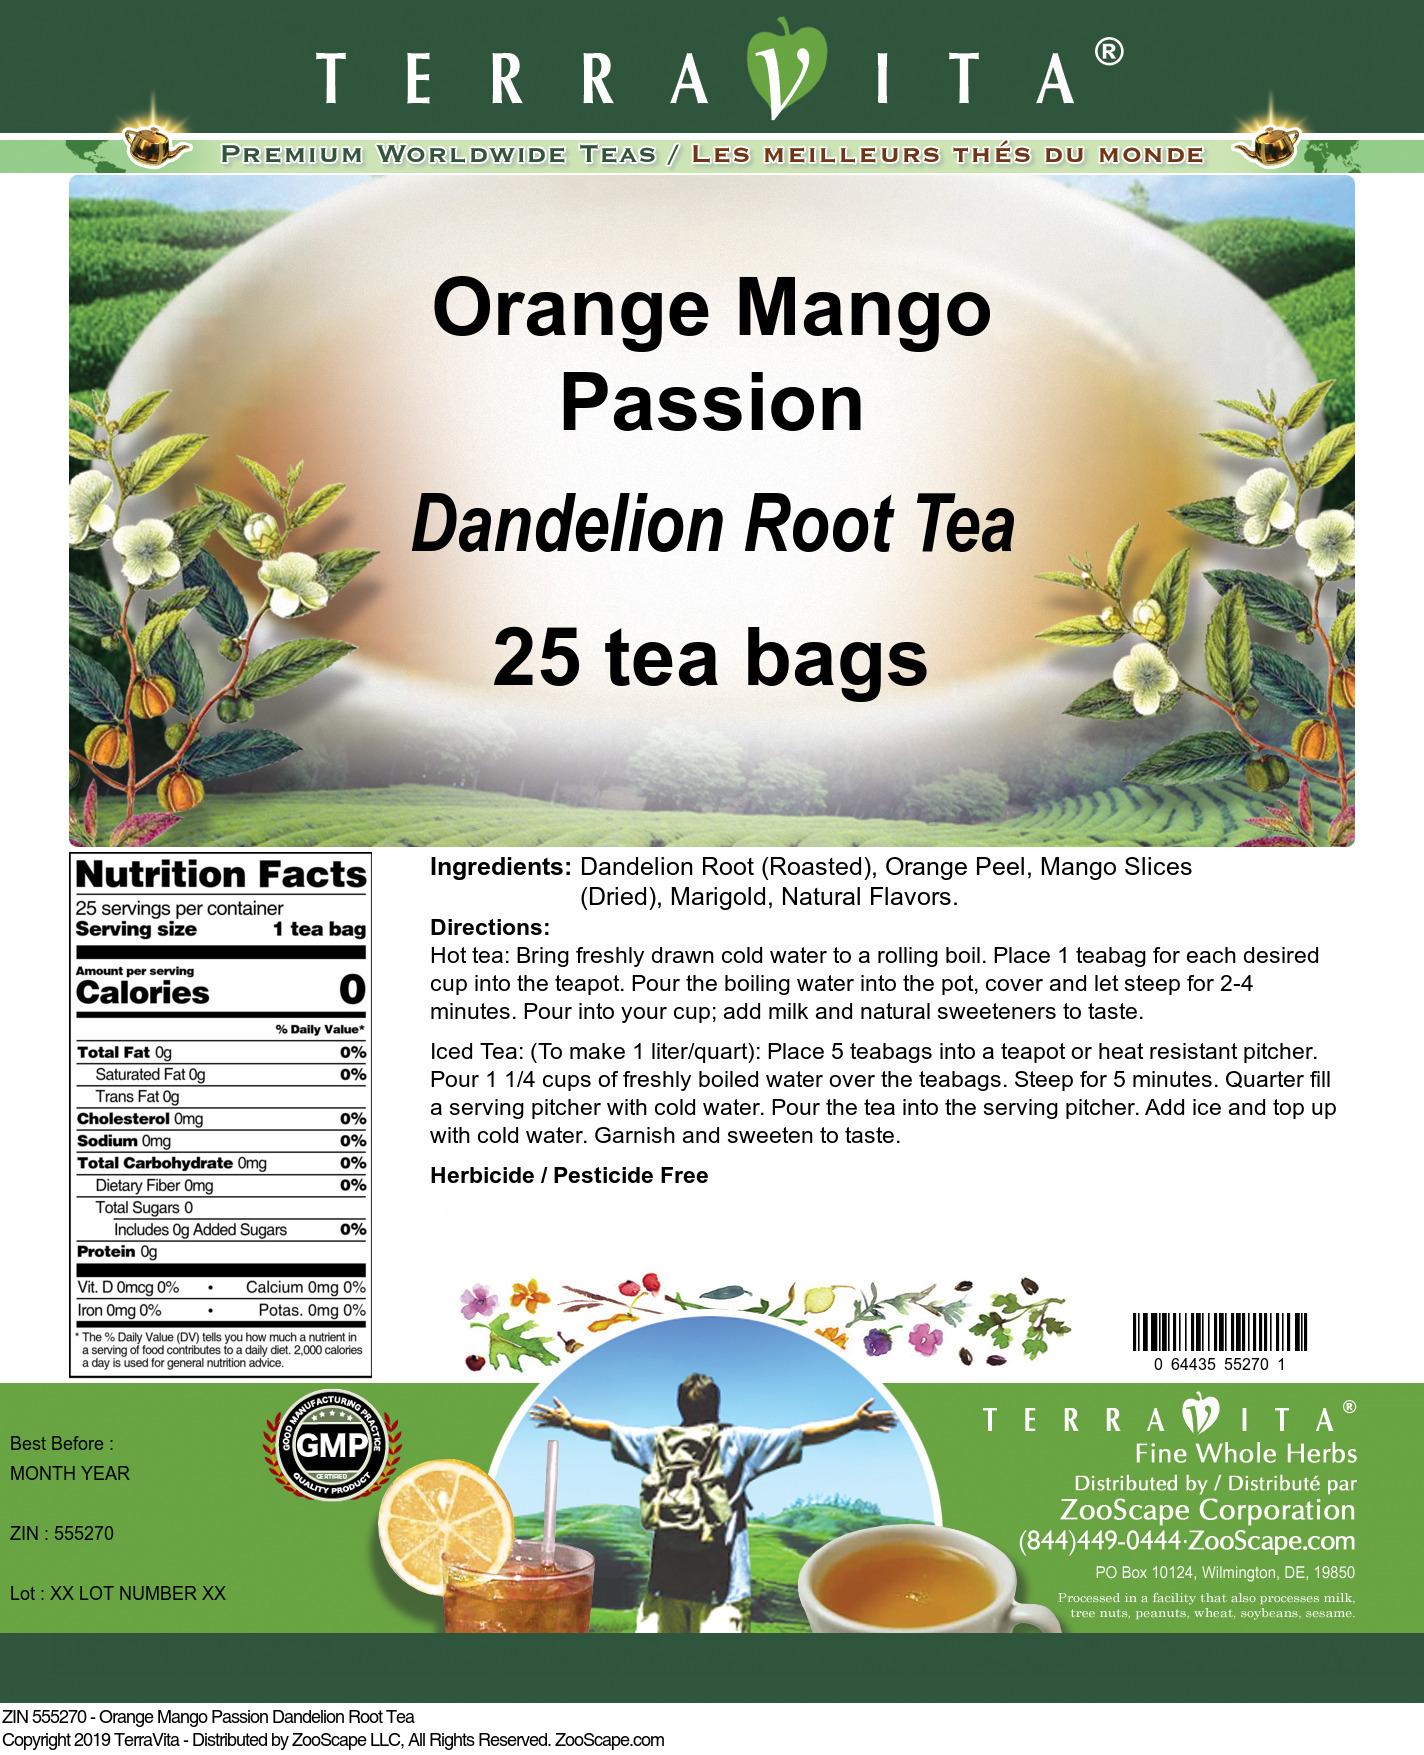 Orange Mango Passion Dandelion Root Tea